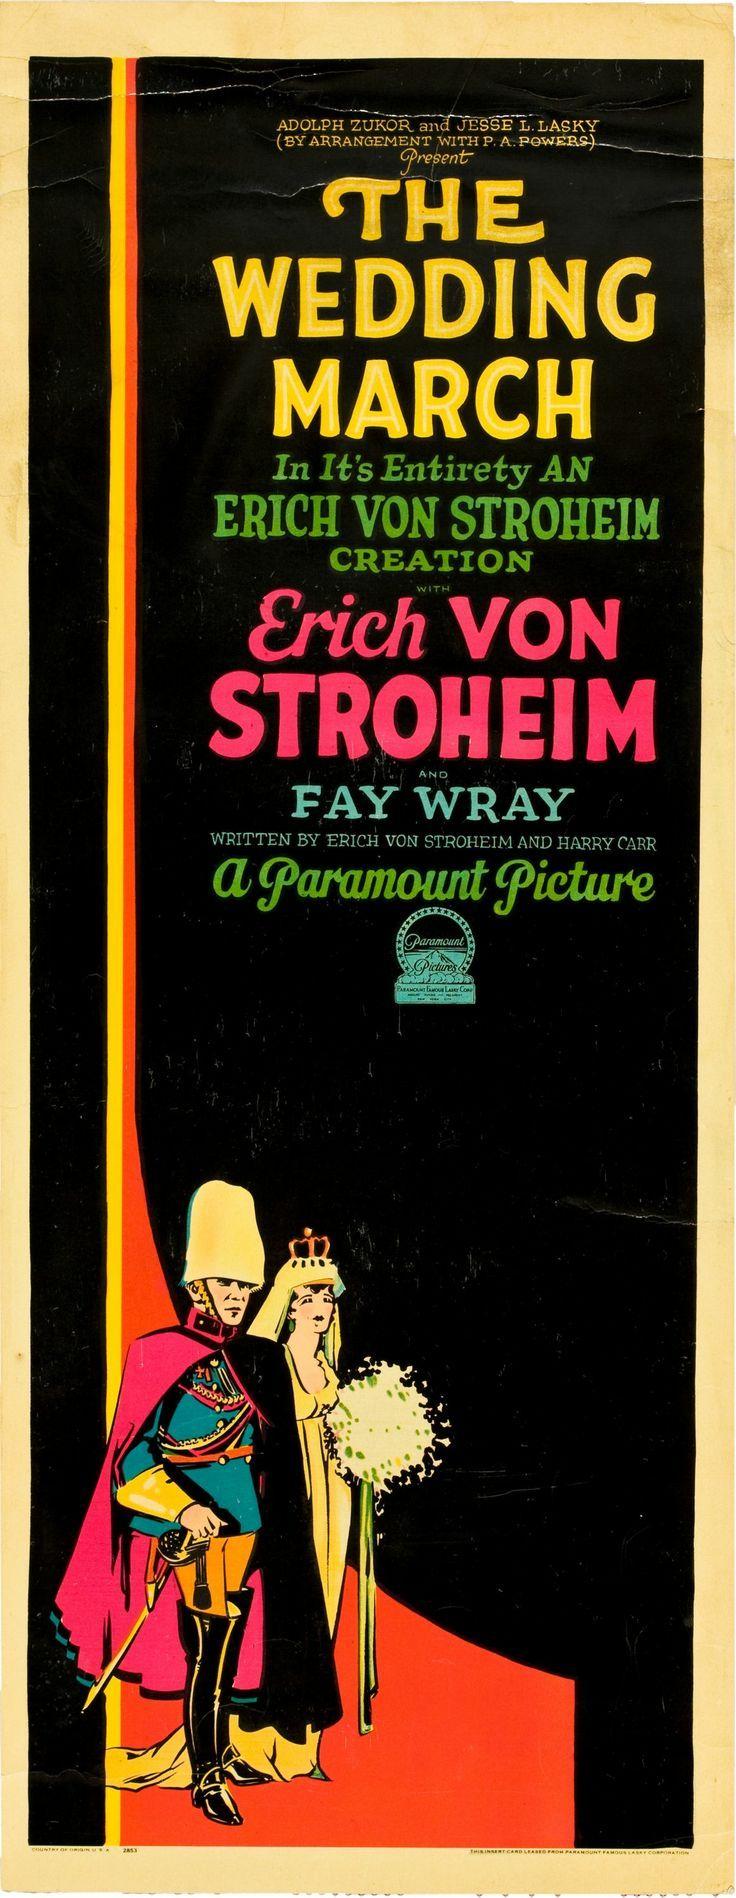 Poster design 1920s - The Wedding March Starring Erich Von Stroheim Fay Wray George Fawcett